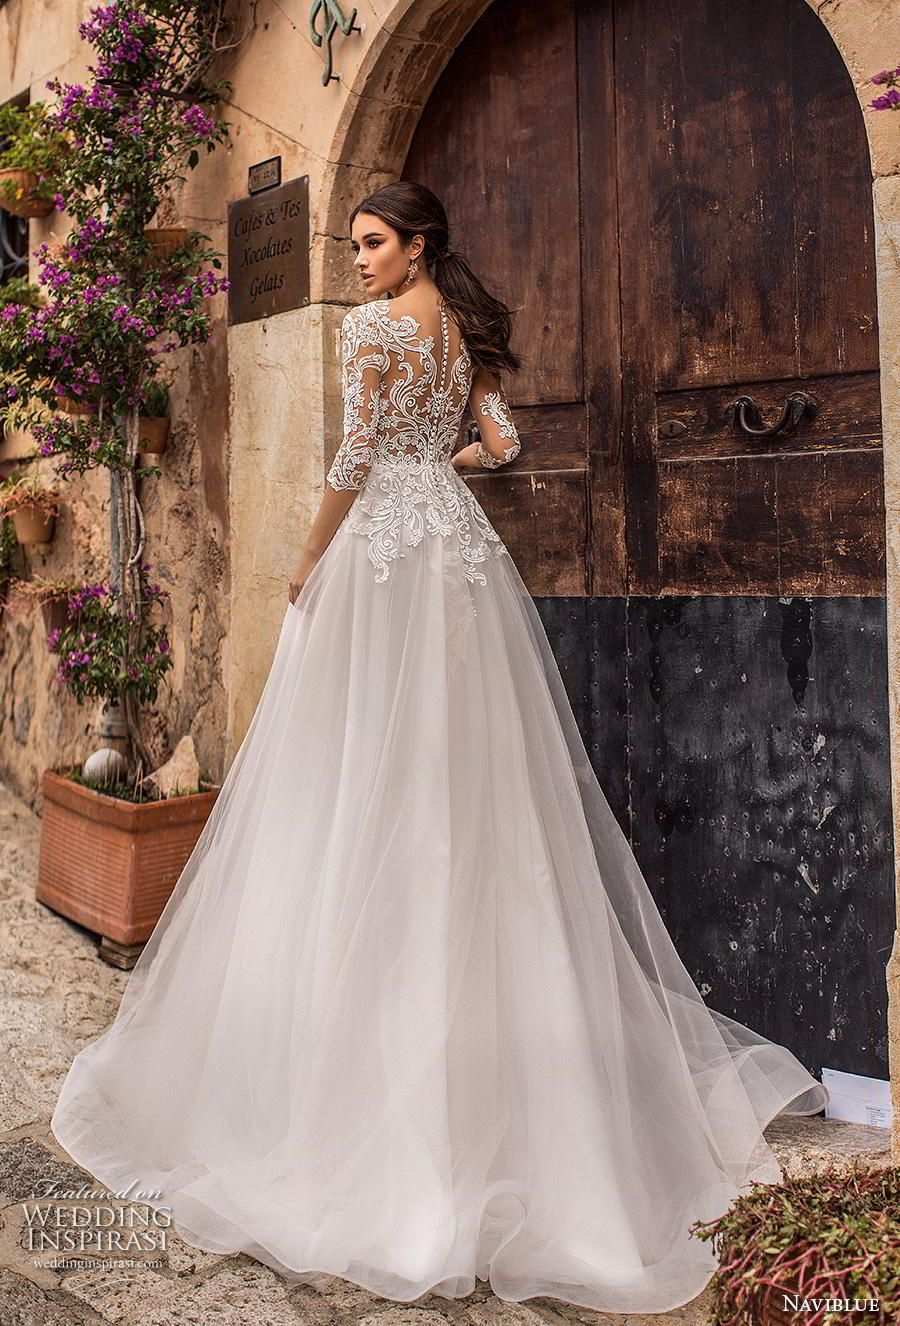 Naviblue wedding dresses u ucdollyud bridal collection wedding